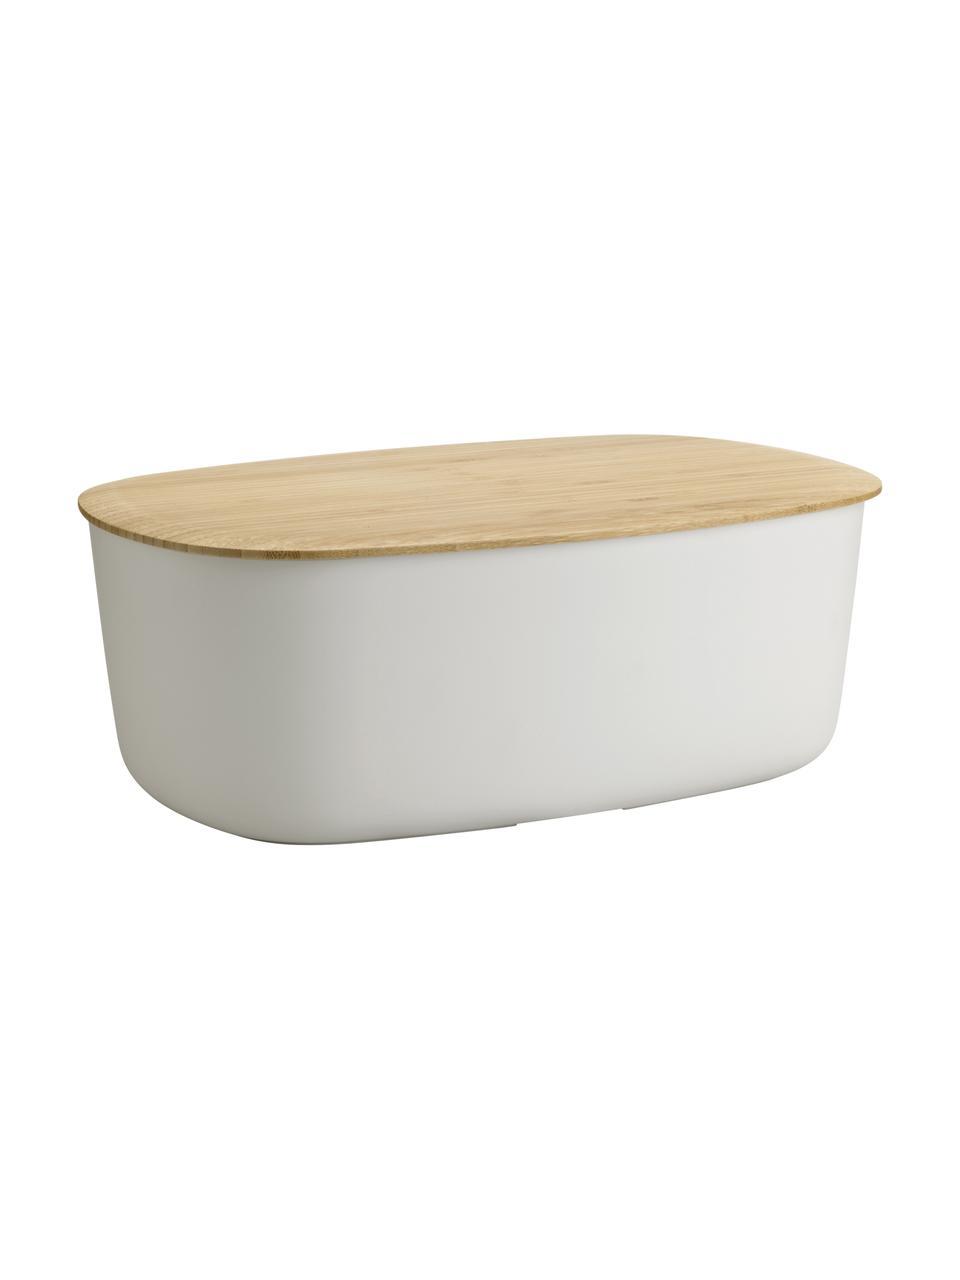 Portapane grigio chiaro di design con tagliere come coperchio Box-It, Coperchio: bambù, Grigio chiaro, Larg. 35 x Alt. 13 cm